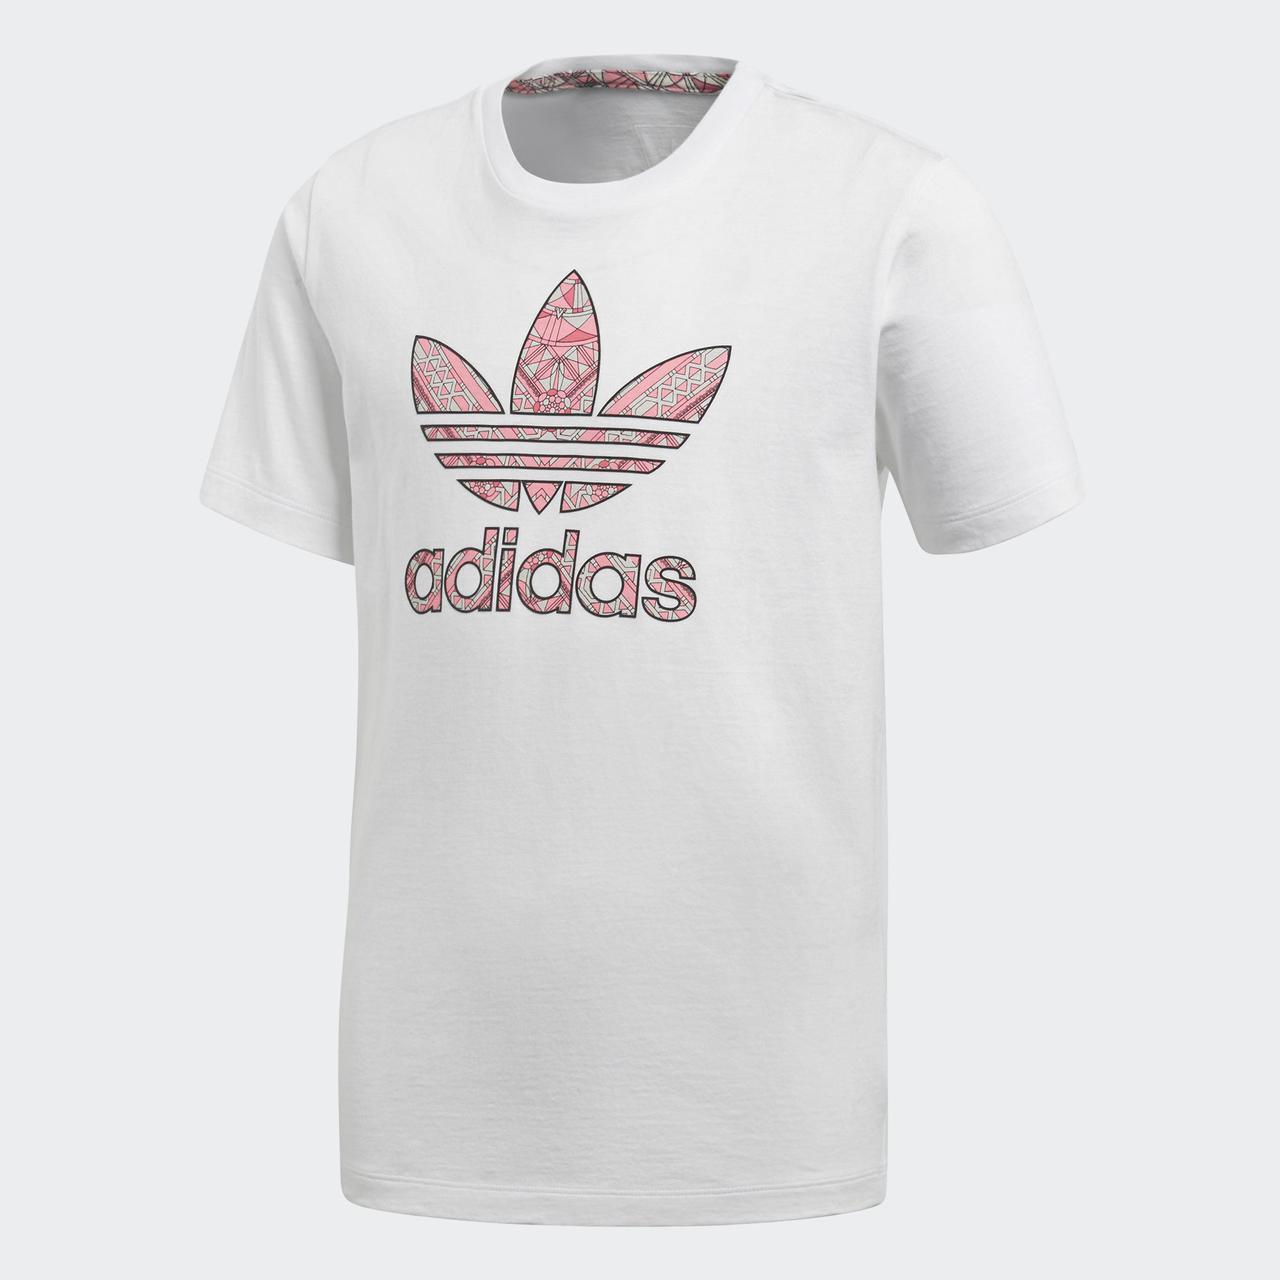 Детская футболка Adidas Originals Trefoil (Артикул: CY2322)